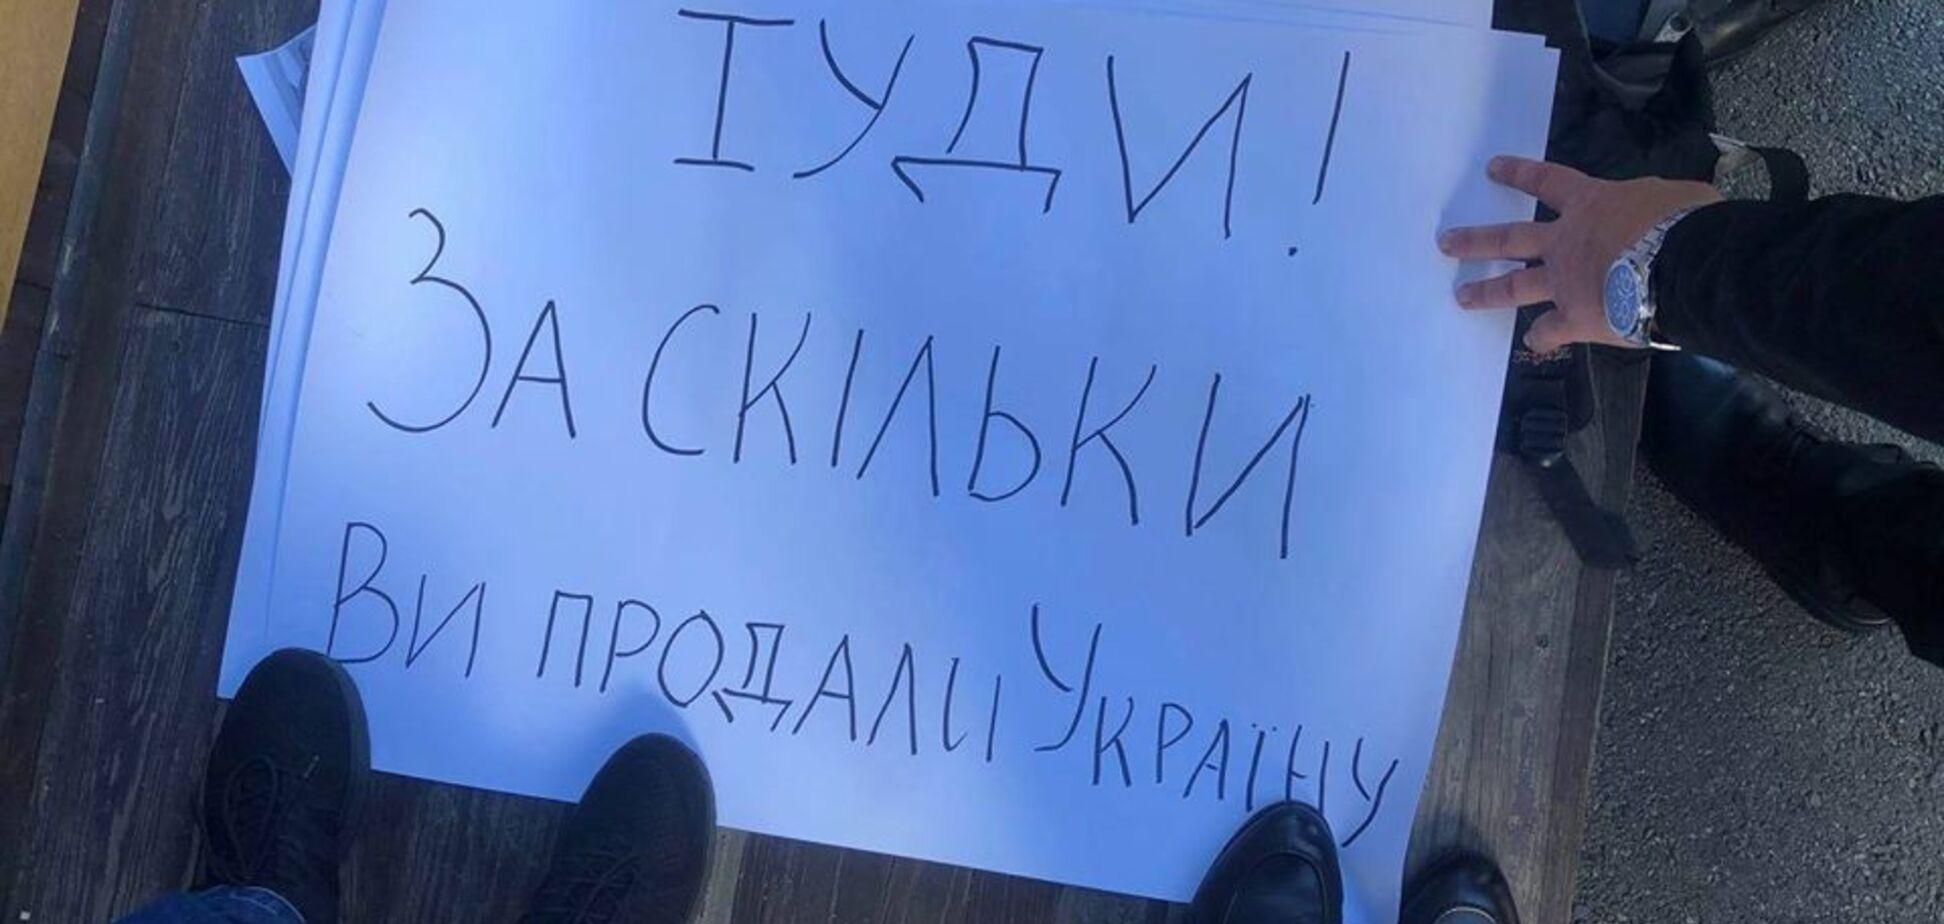 'Ви продали Україну!' Росія готувала нове заворушення у центрі Києва